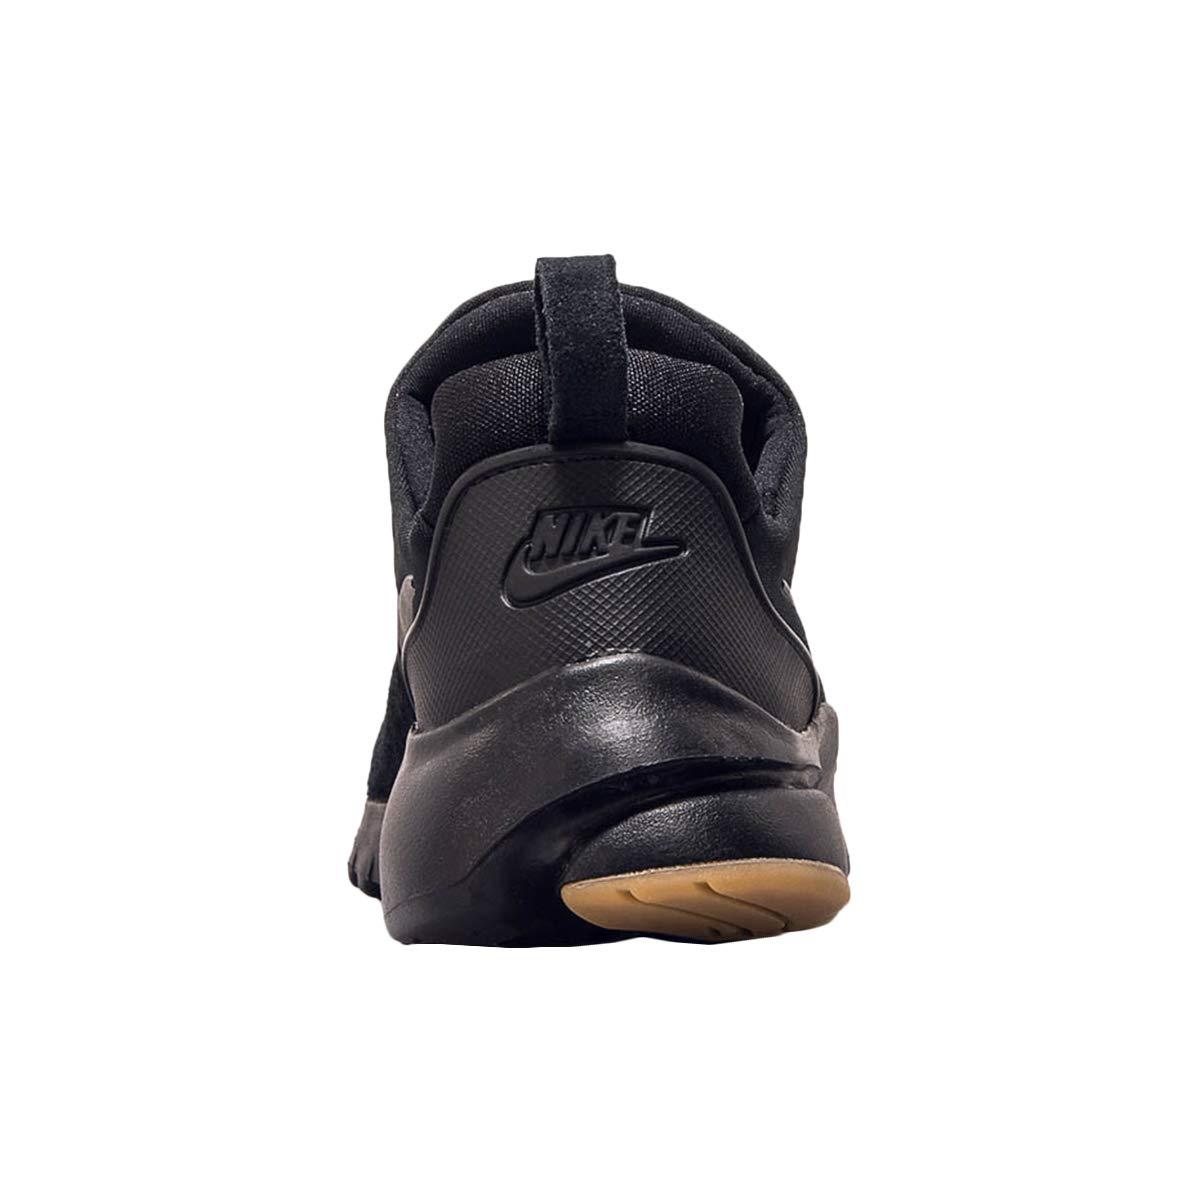 new style e2214 057ea Nike Presto Fly PRM (GS), Chaussures de Running Compétition garçon  Amazon. fr  Chaussures et Sacs